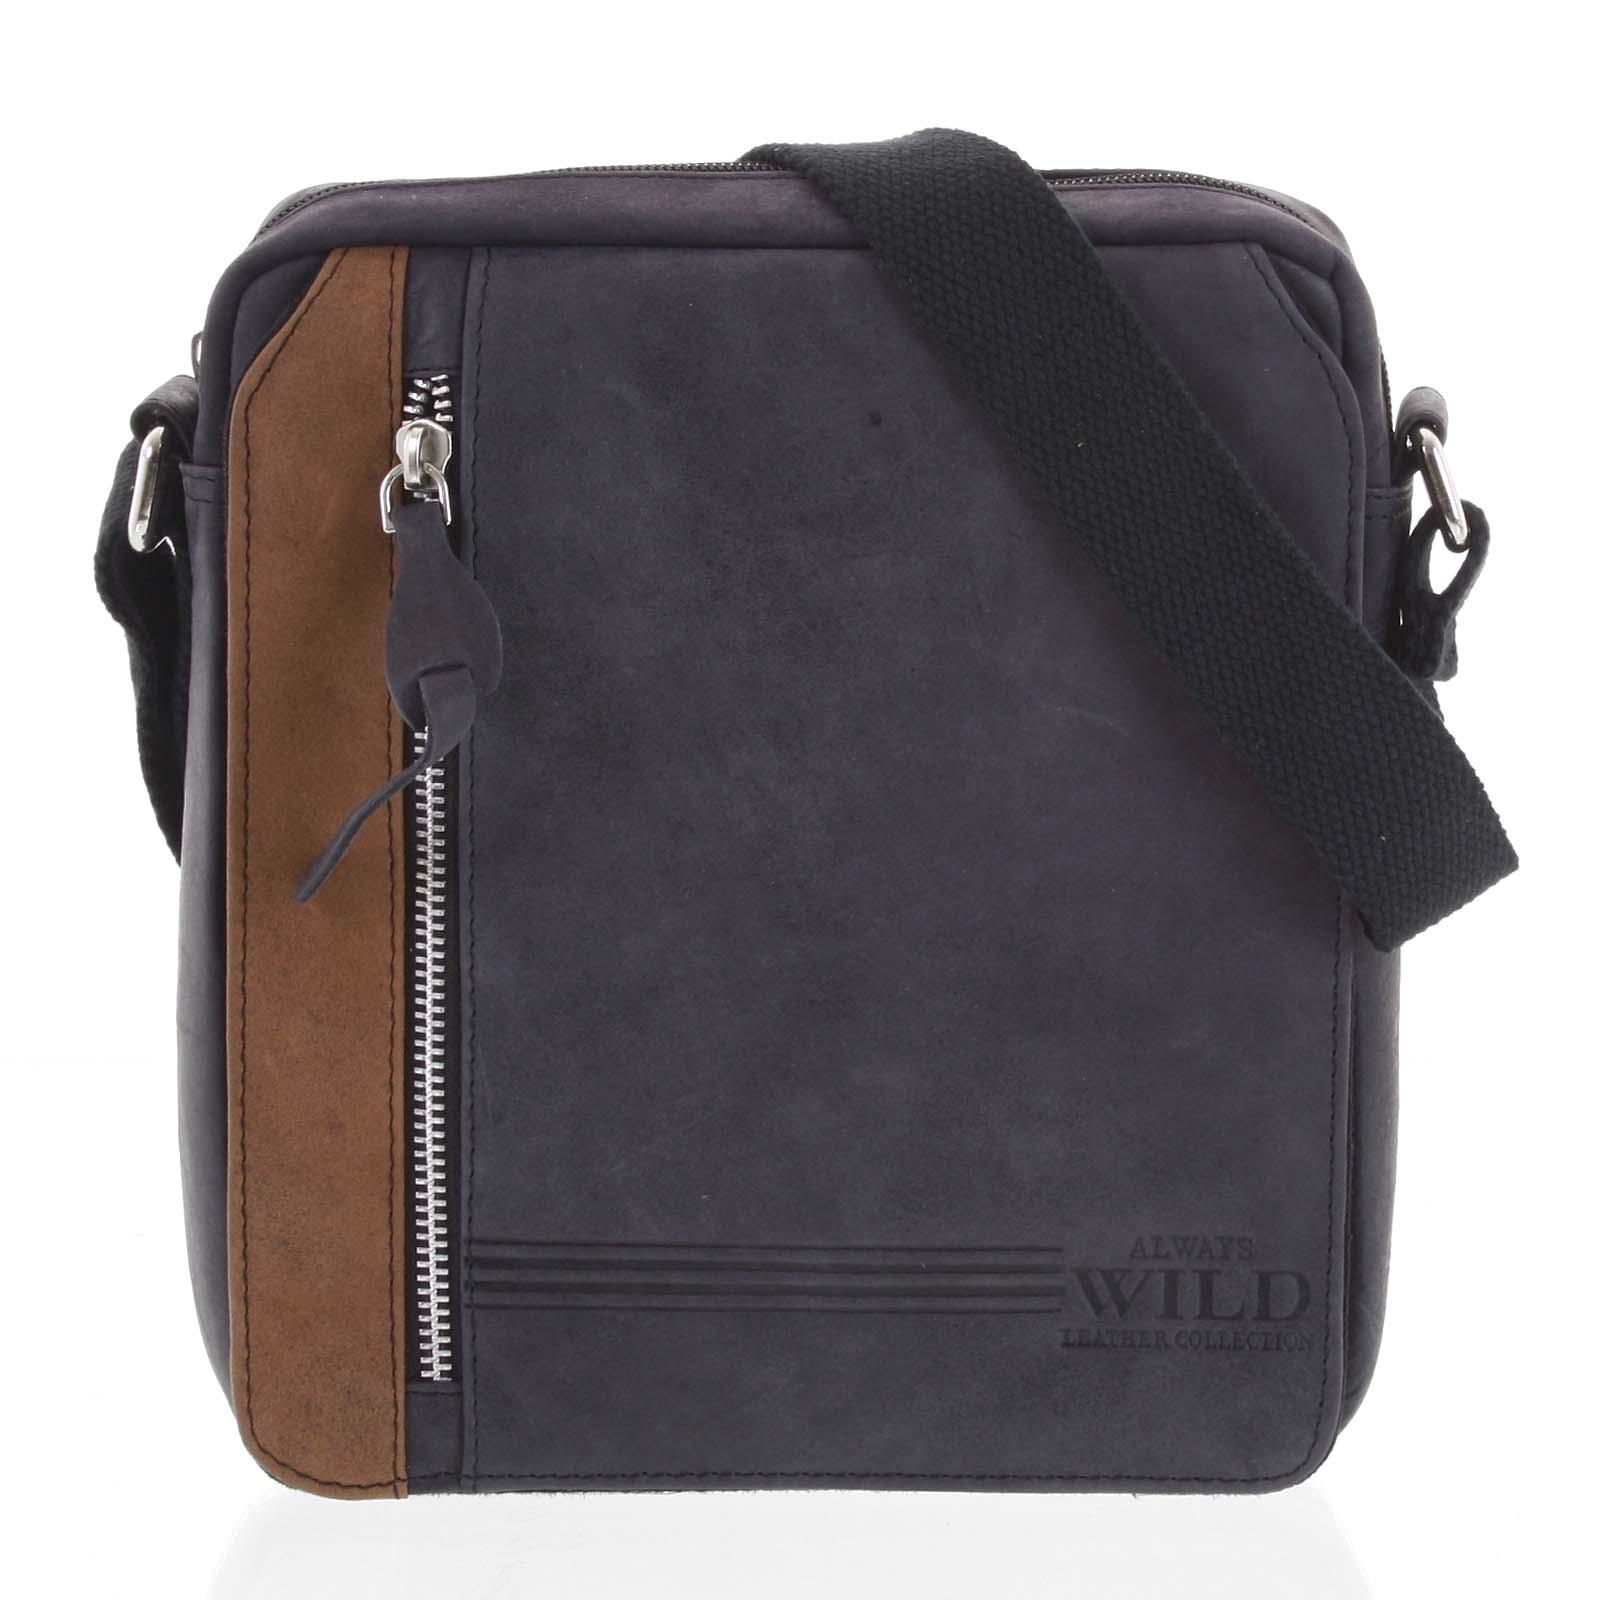 Pánska kožená crossbody taška čierna - WILD Kendra čierna